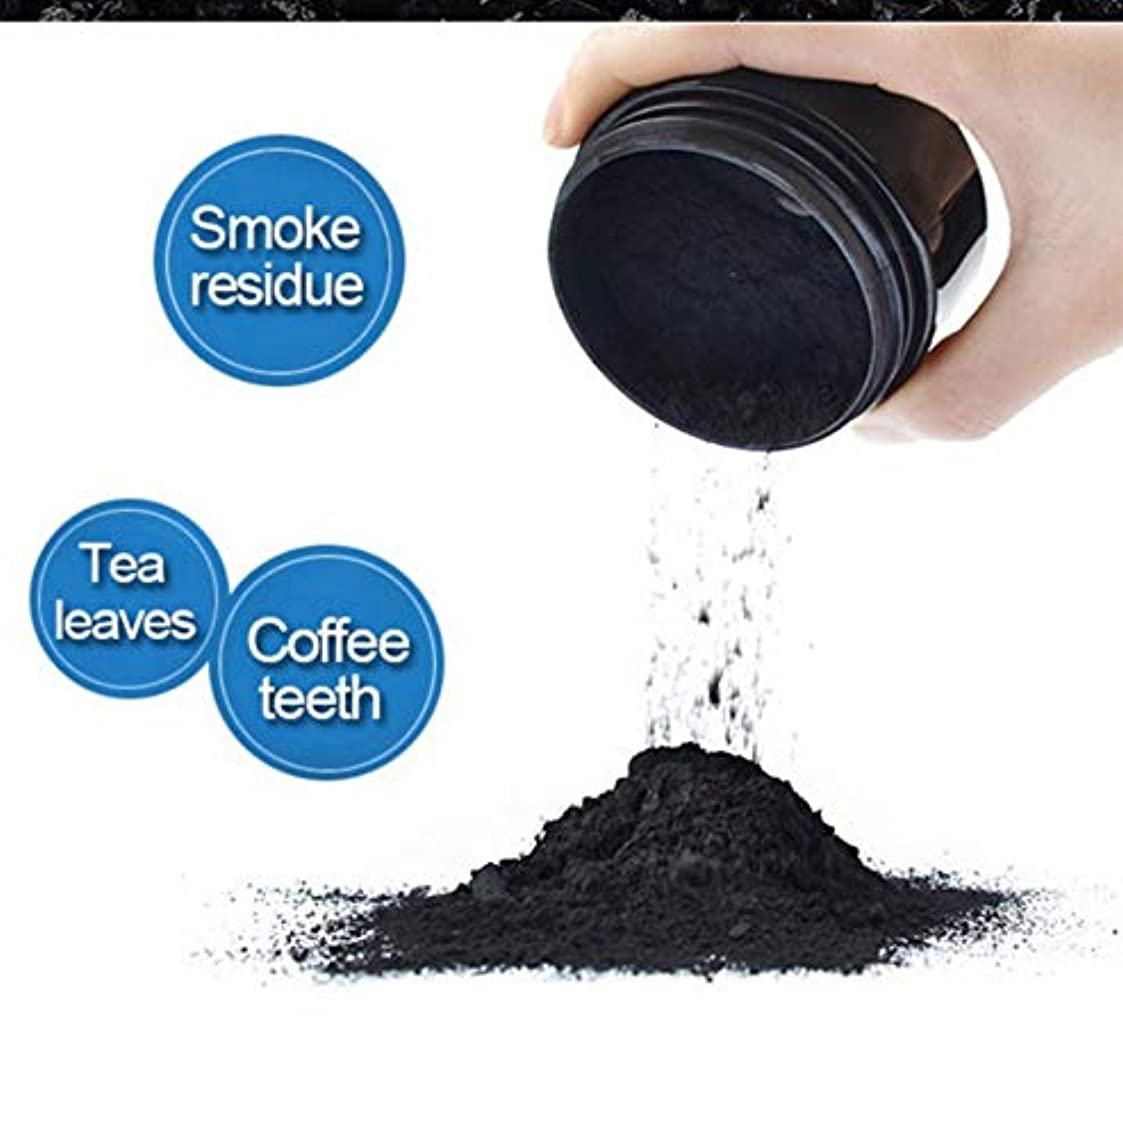 錫ジュニアシャーDaily Use Teeth Whitening Scaling Powder Oral Hygiene Cleaning Packing Premium Activated Bamboo Charcoal Powder...